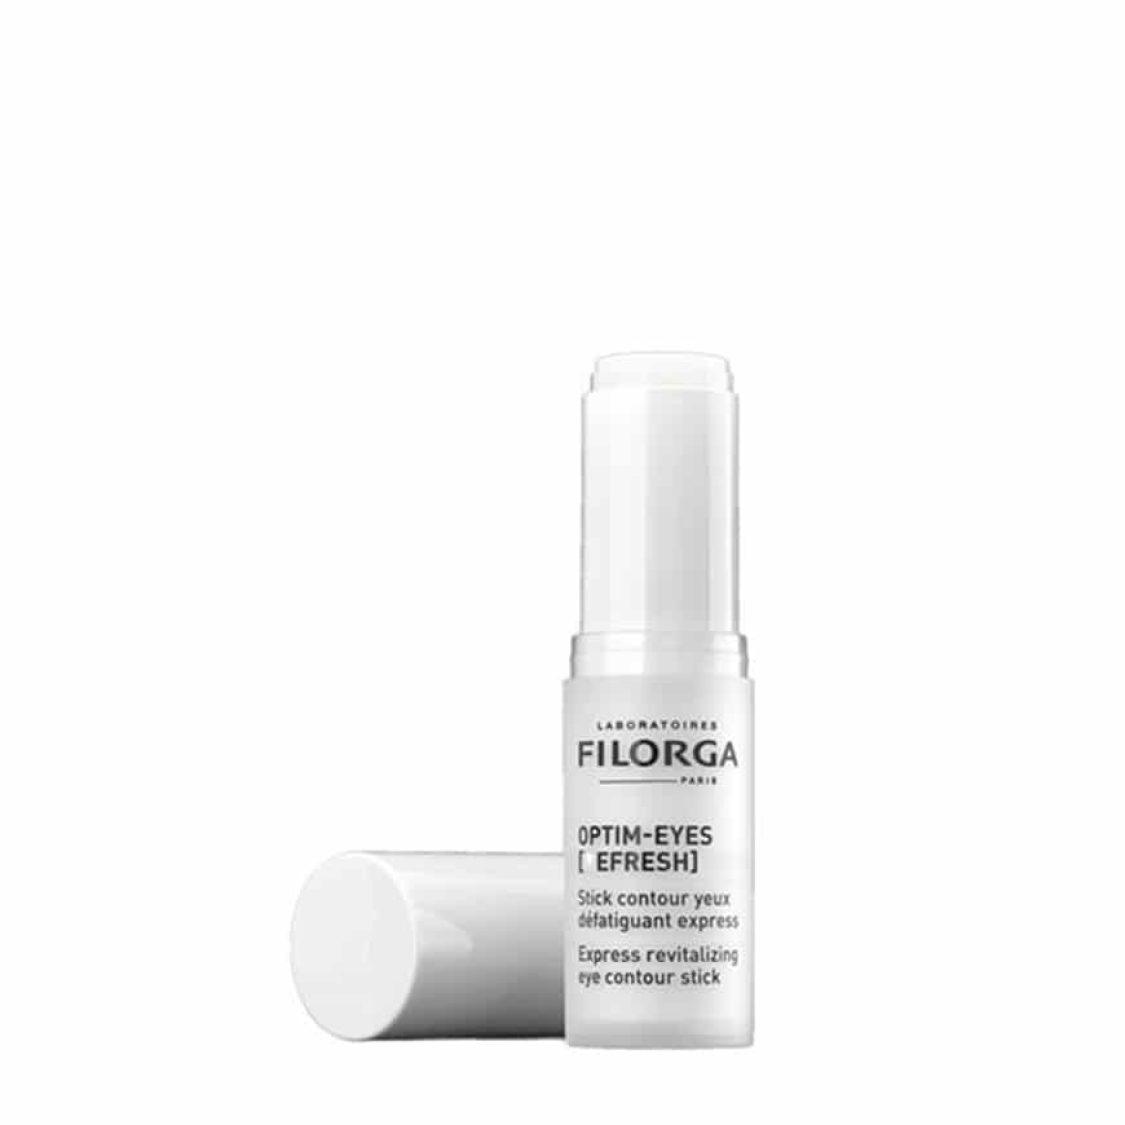 Filorga - Optim Eyes Refresh 12.5g